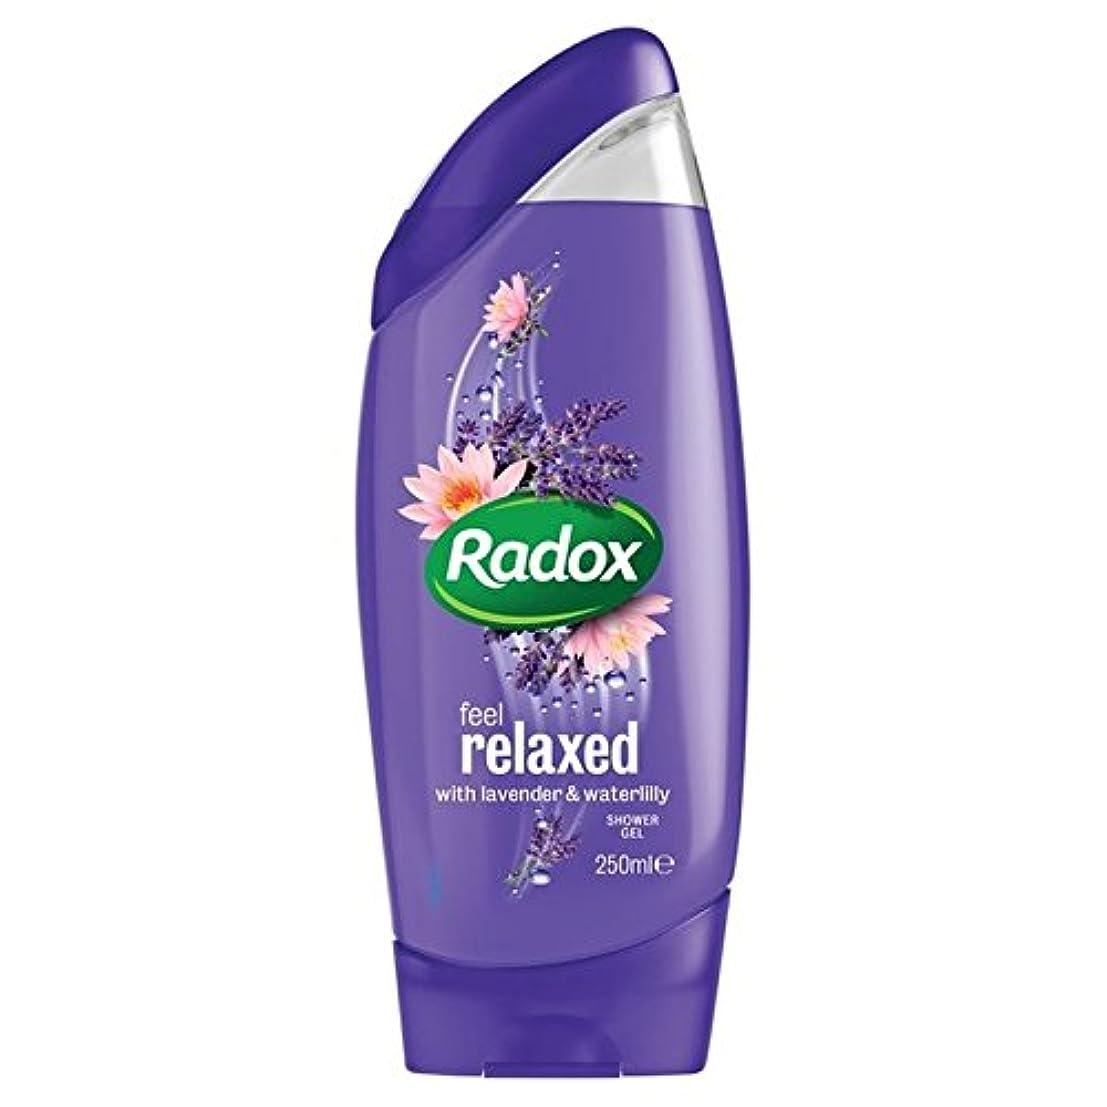 アクセサリー保険出演者はリラックスシャワージェル250ミリリットルを感じます x4 - Radox Feel Relaxed Shower Gel 250ml (Pack of 4) [並行輸入品]